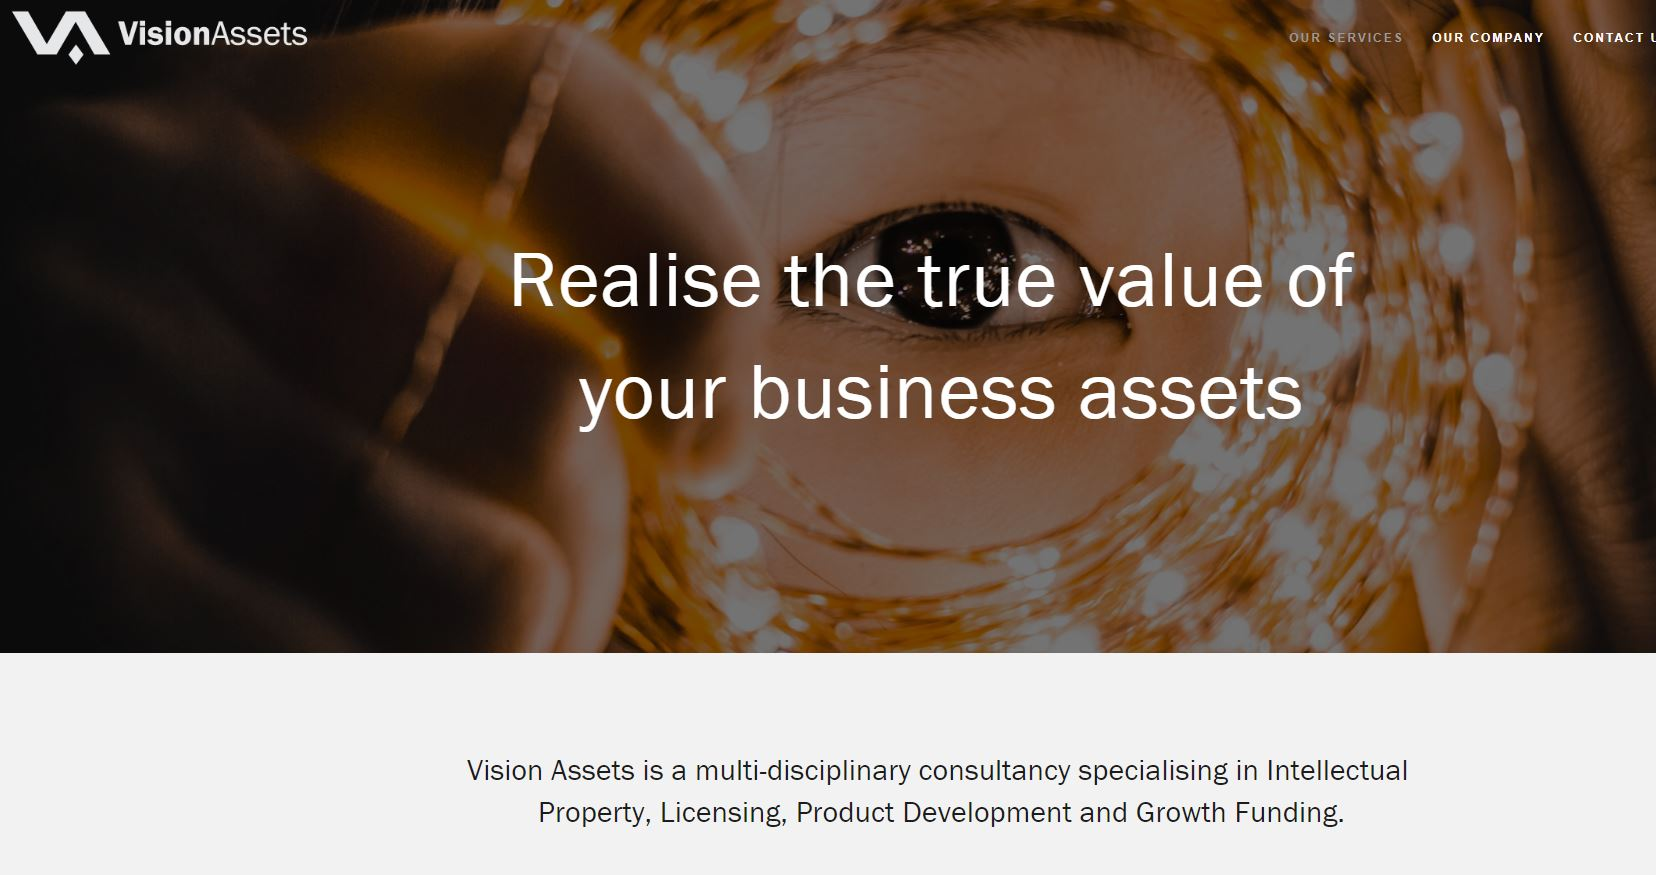 Vision Assets